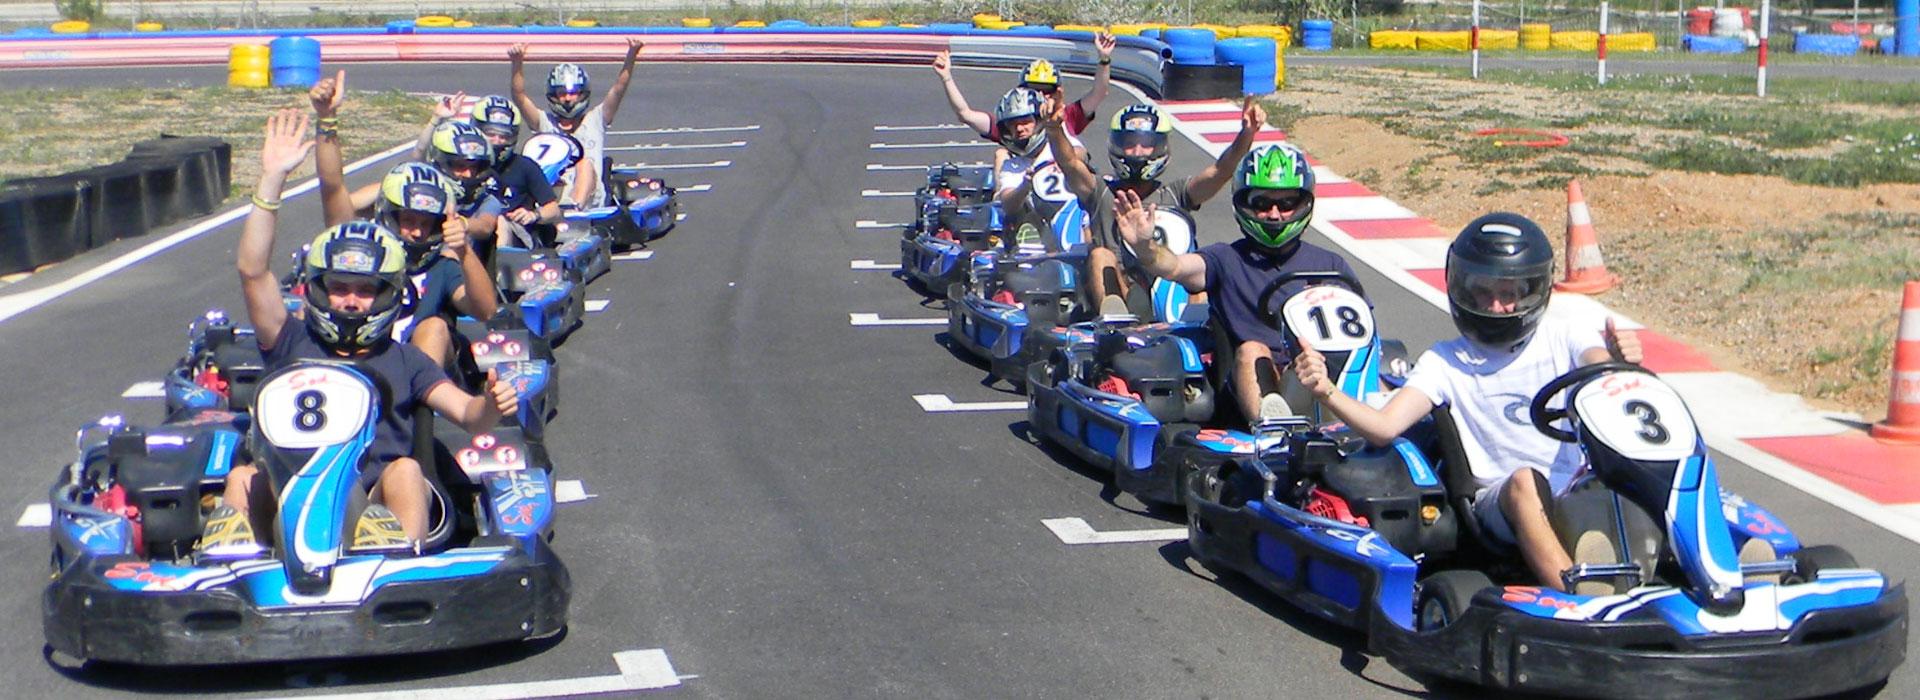 EuropKart Karting Marseillan